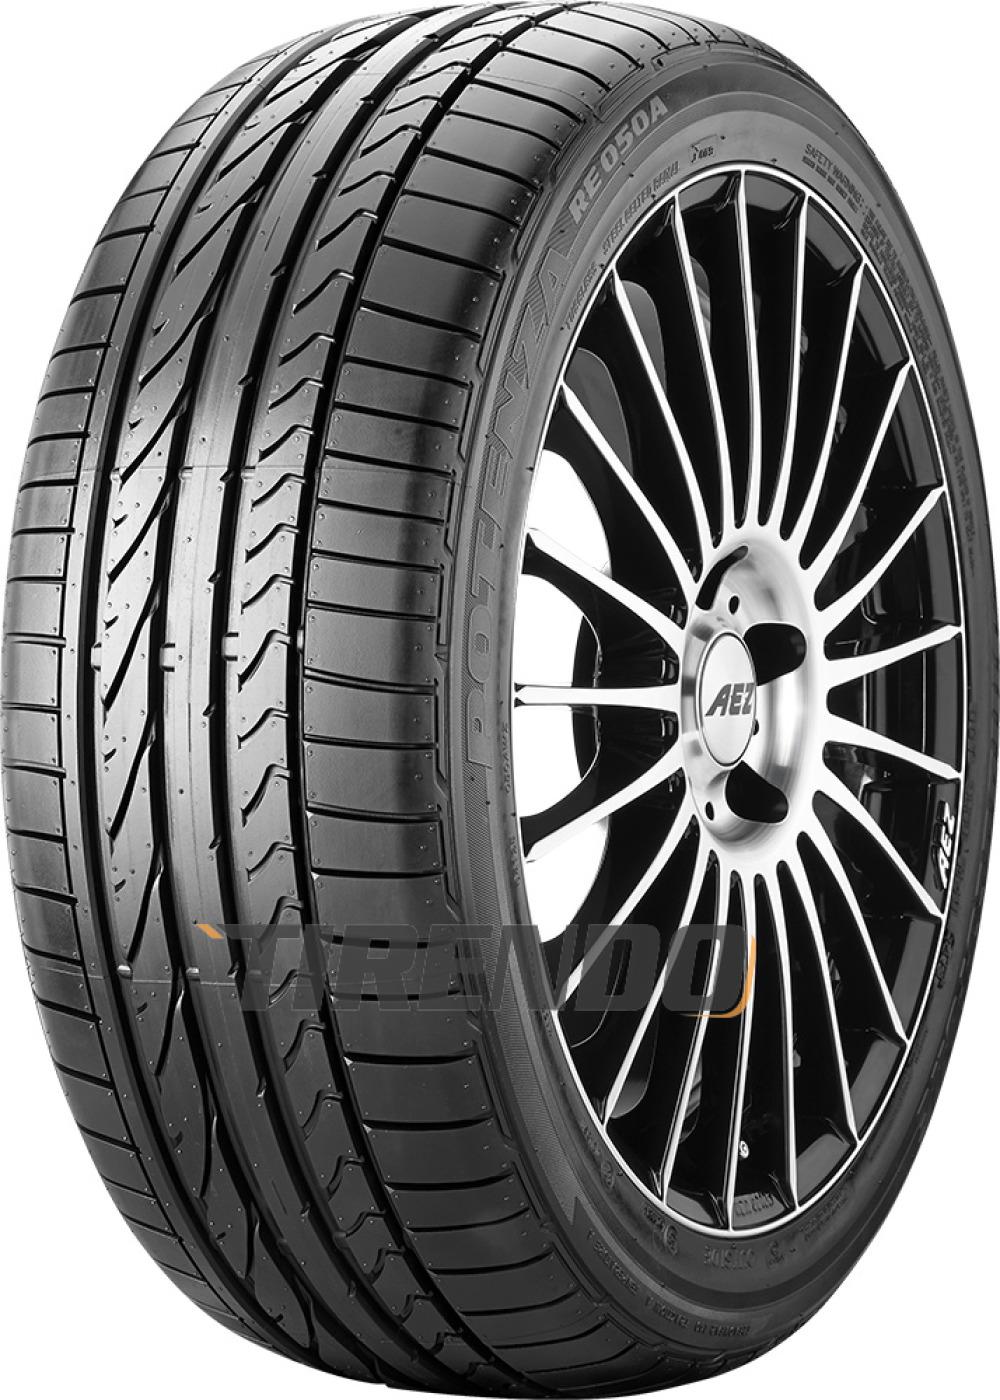 Bridgestone Potenza RE 050 A ( 225/45 R19 96W XL mit Felgenschutz (MFS) )